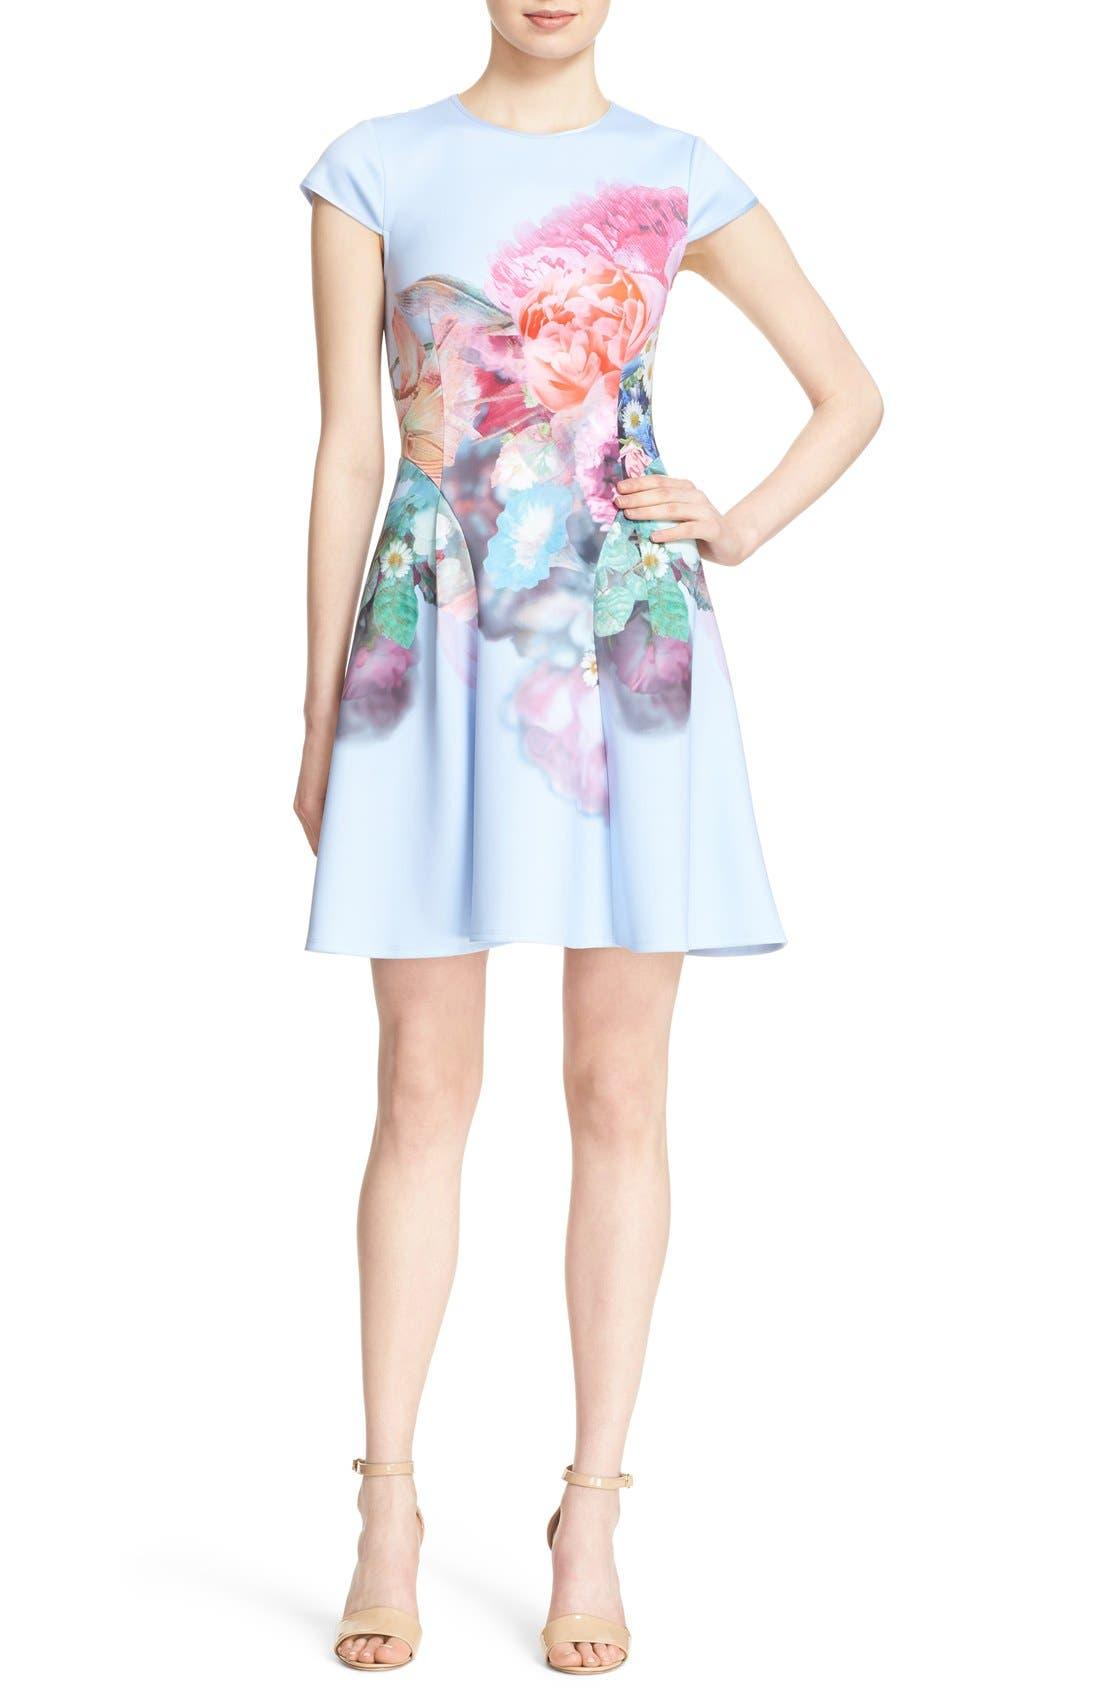 Alternate Image 1 Selected - Ted Baker London 'Bowkay' Floral Print Neoprene Skater Dress